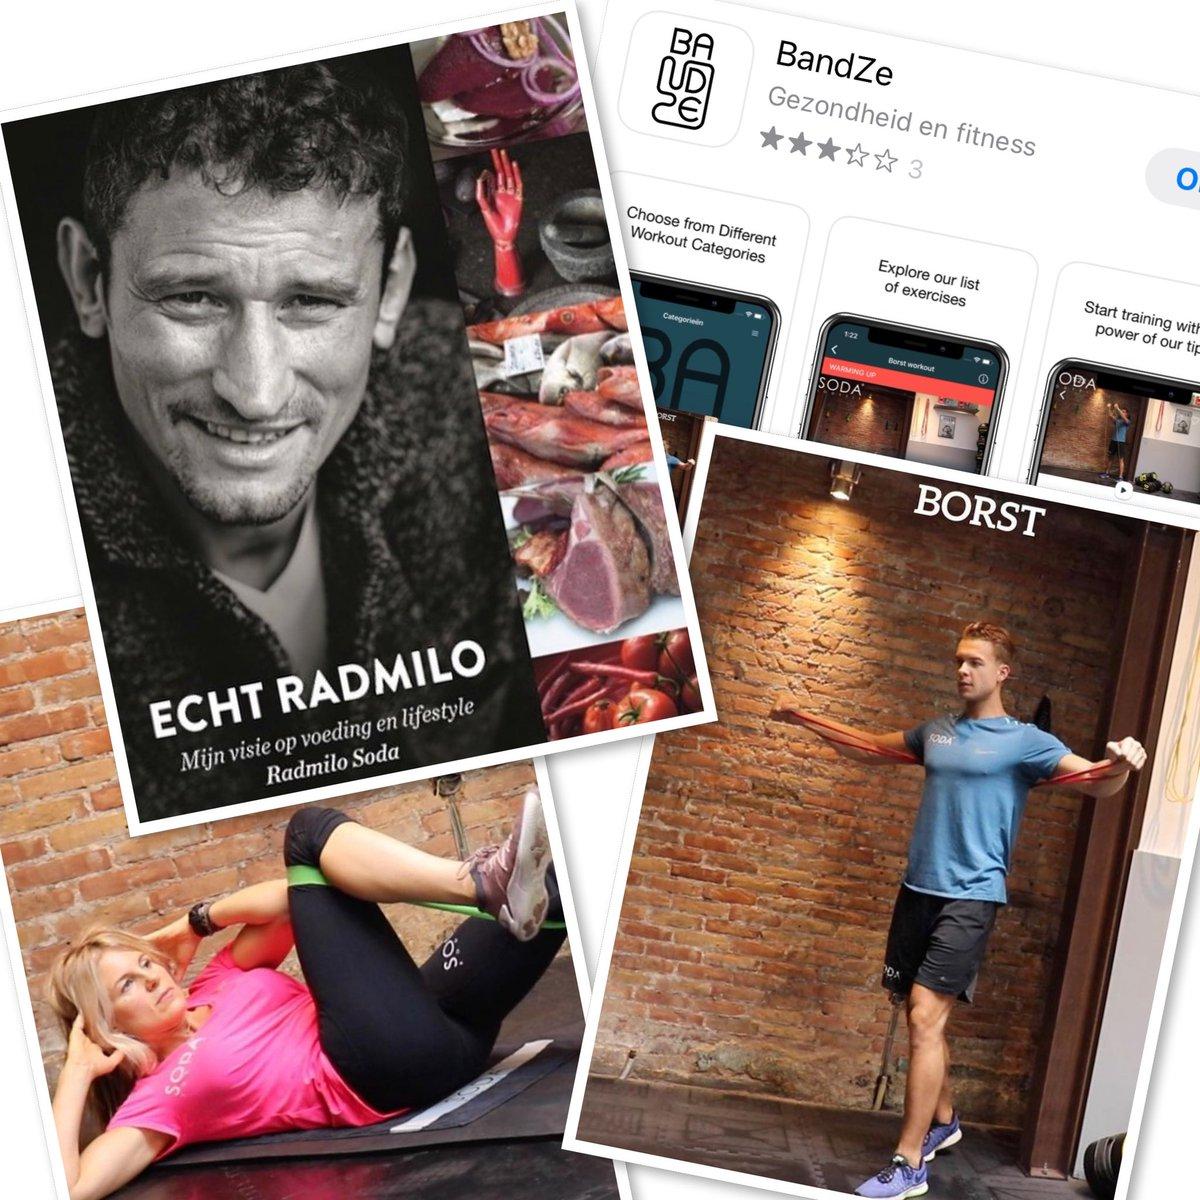 Bandze app en het boek EchtRadmilo van Radmilo Soda help je bij fit en gezond  lifestyle. Bestel je het boek bij   #training #personaltraining #sodabodyfit #sodabodyfitstudio #radmilosoda #fit #gezond #healthy #lifestyle #echtradmilo